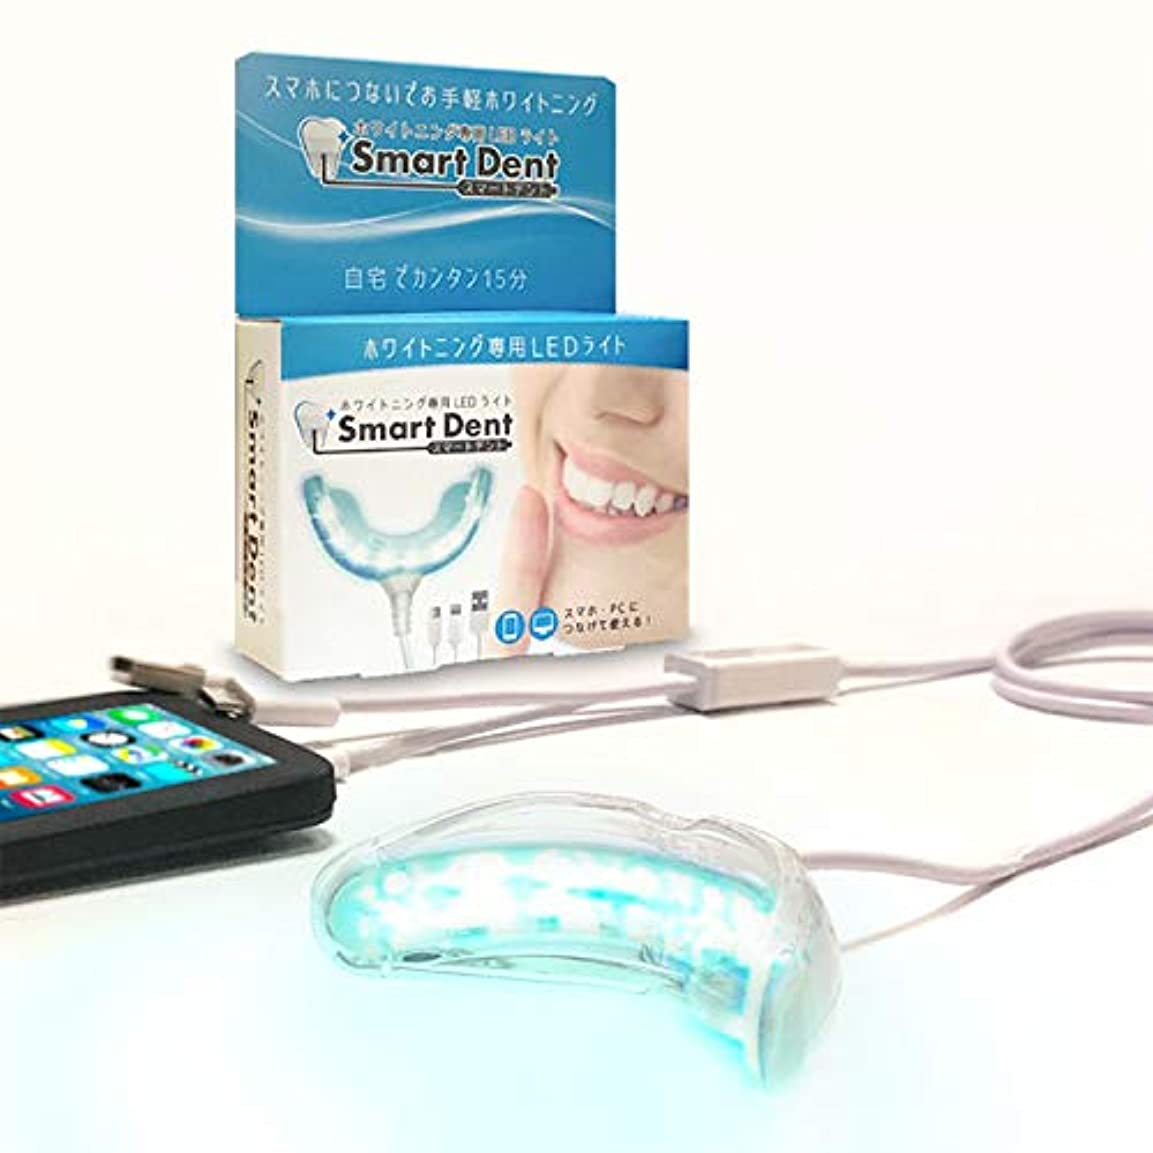 祈る正直刈るスマートデント (Smart Dent) お手軽ホワイトニング セルフケア [LEDライトのみ] シリコン マウスピース 【一般医療機器】